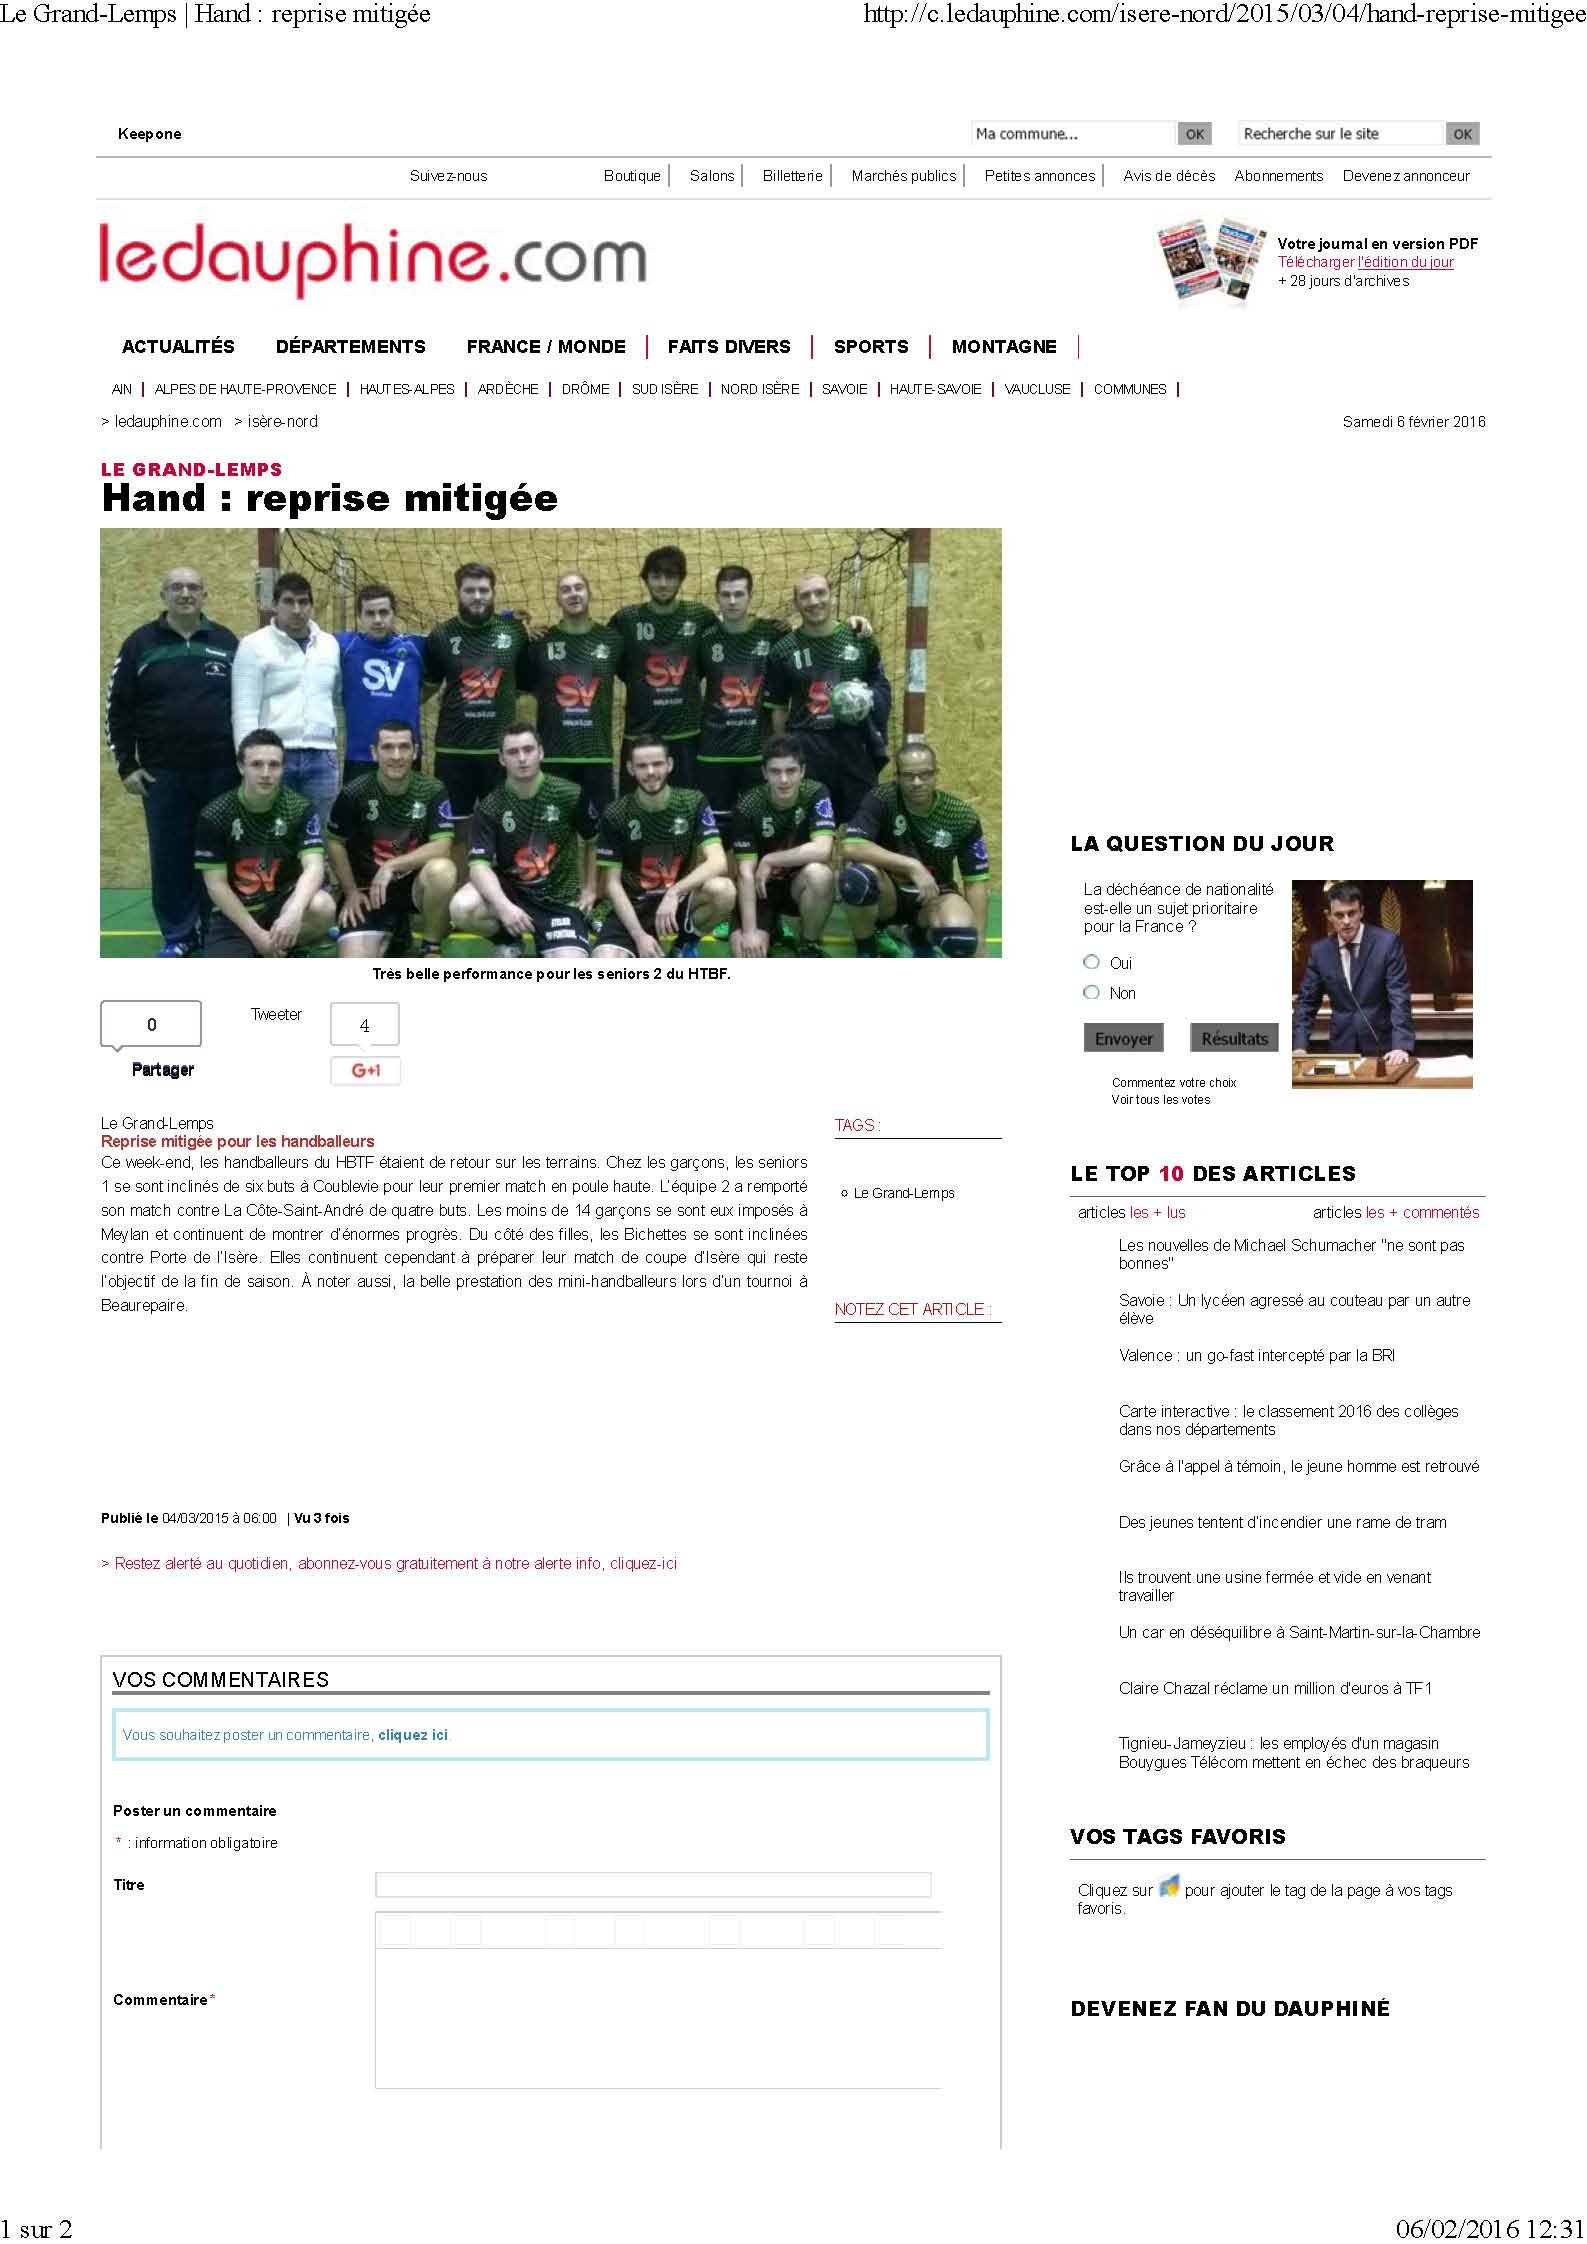 Reprise mitigée pour les handballeurs : article du Dauphiné Libéré - Hand Bievre Terres Froides - Club de Handball en Isère